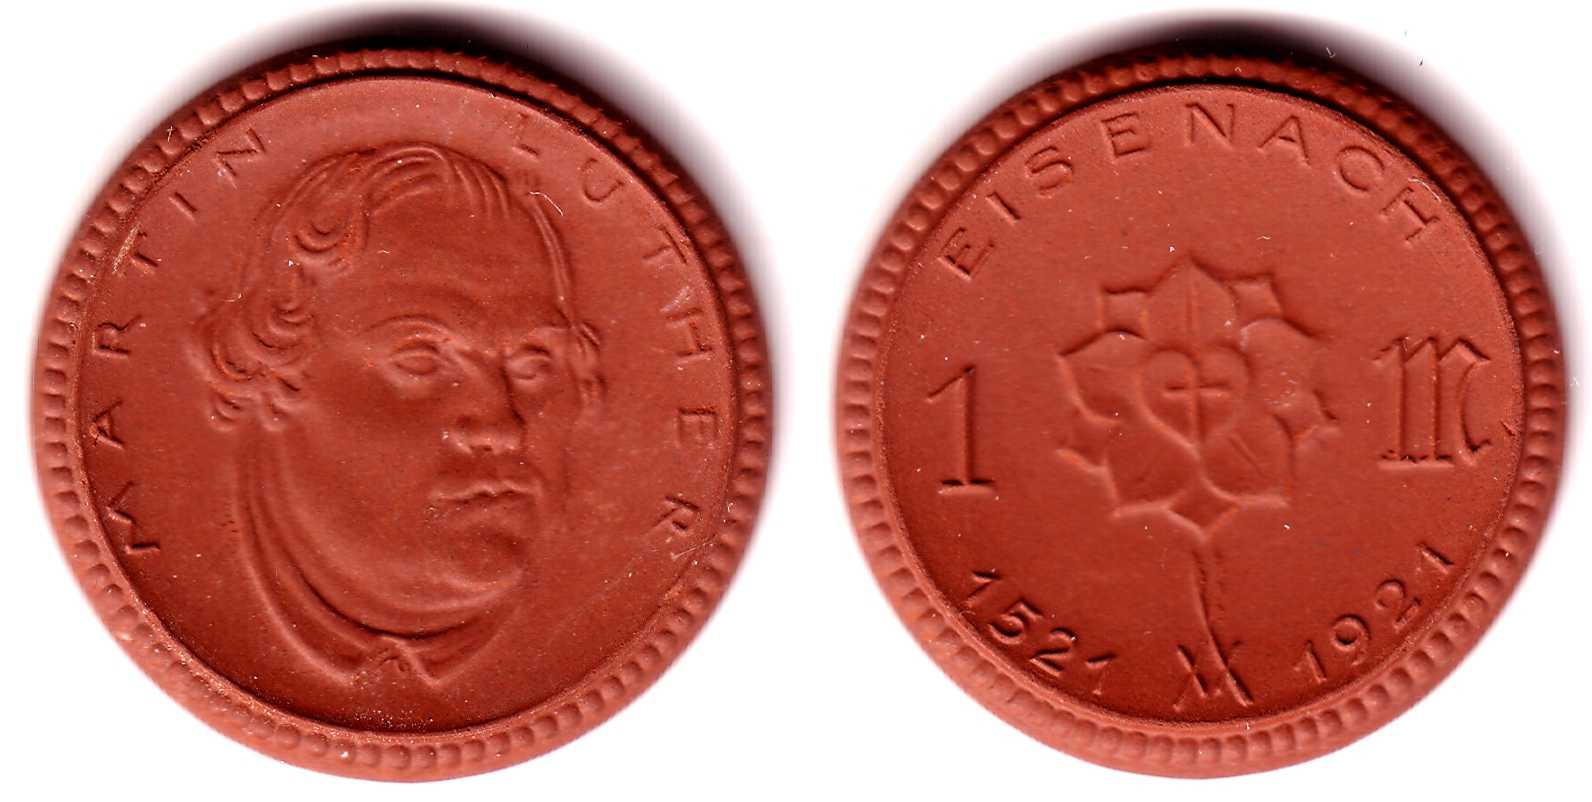 Что должно быть на монете чтобы продать ее